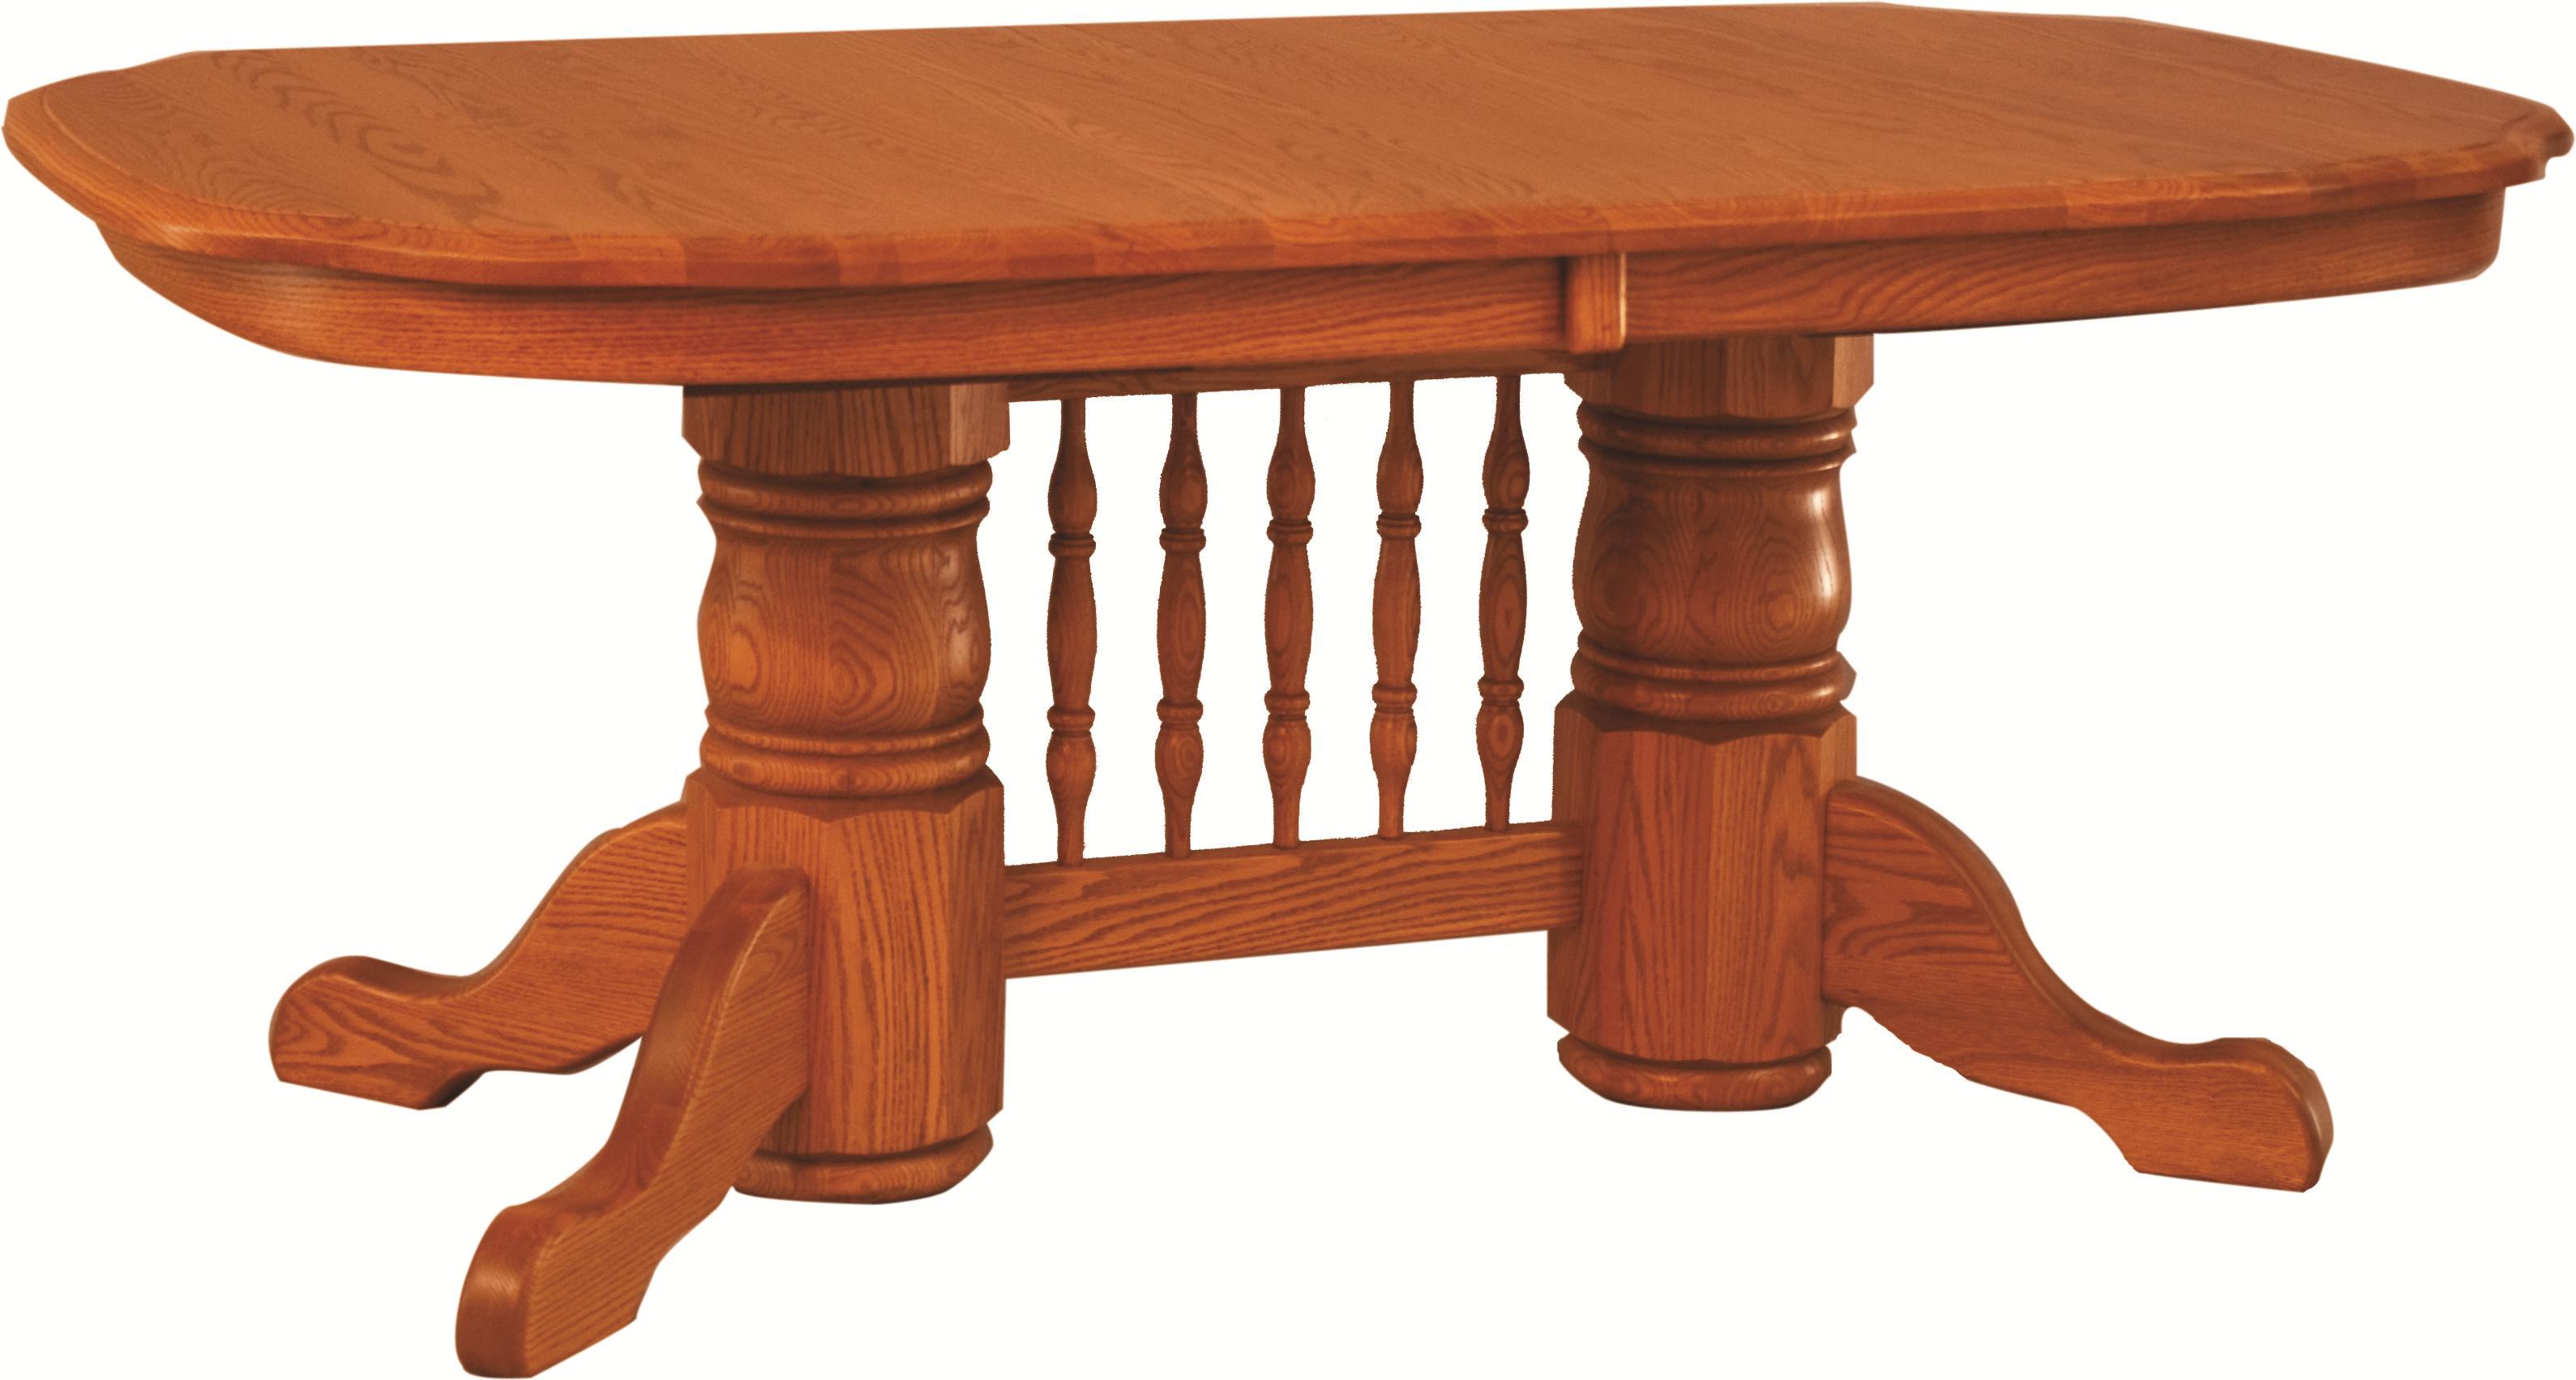 Double Pedestal Banquet Table